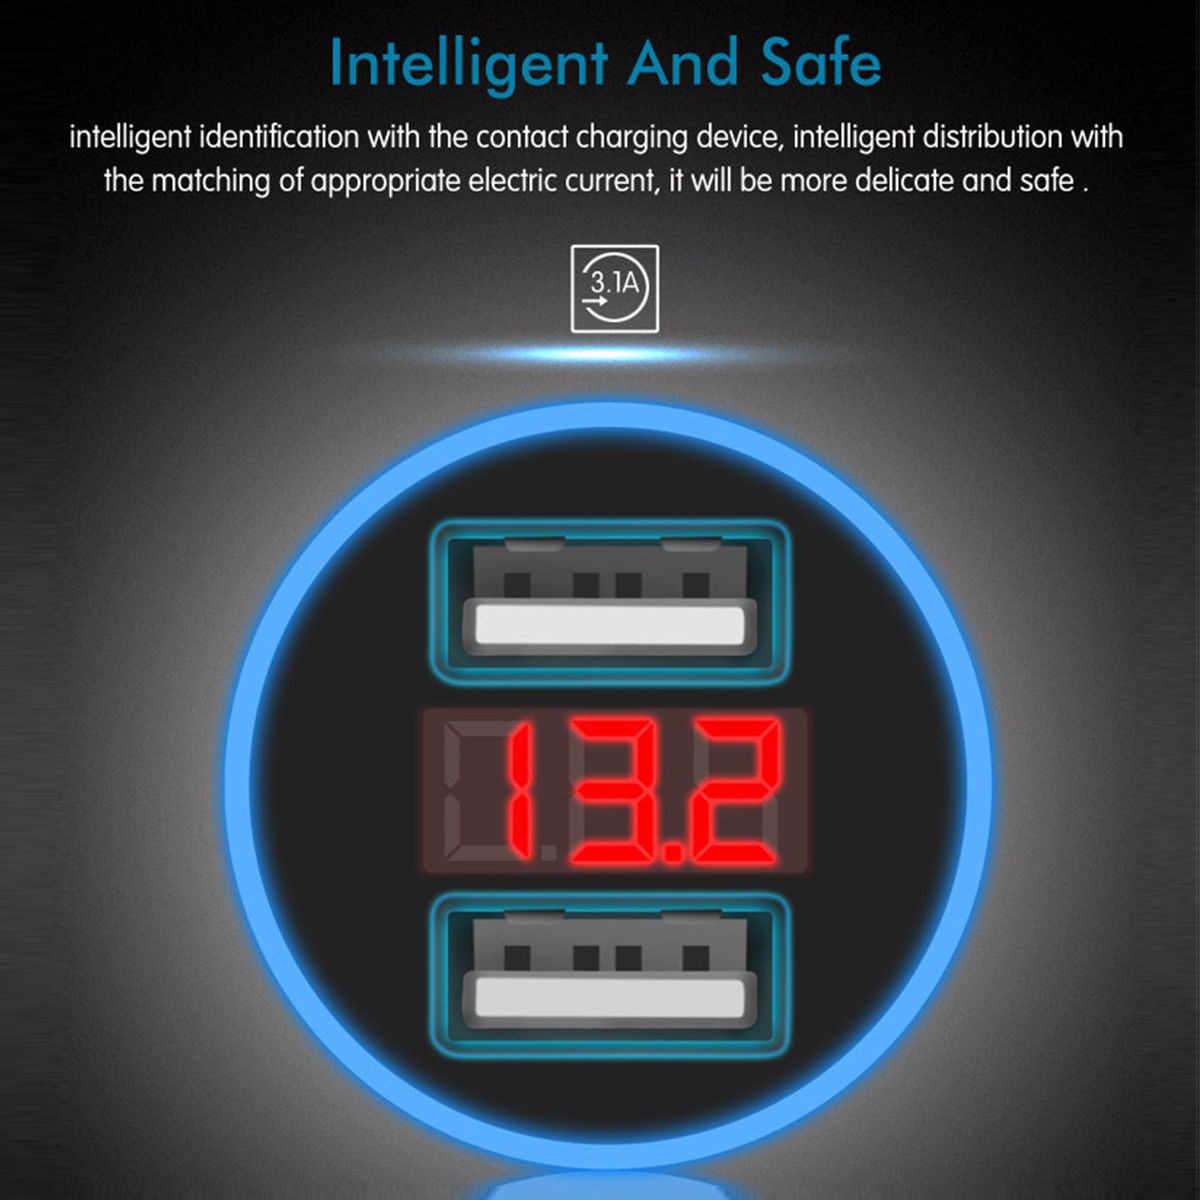 المزدوج USB سيارة مهايئ شاحن 3.1A الرقمية LED الجهد/العرض الحالي السيارات سيارة معدنية شاحن ل هاتف ذكي/الجدول Mi